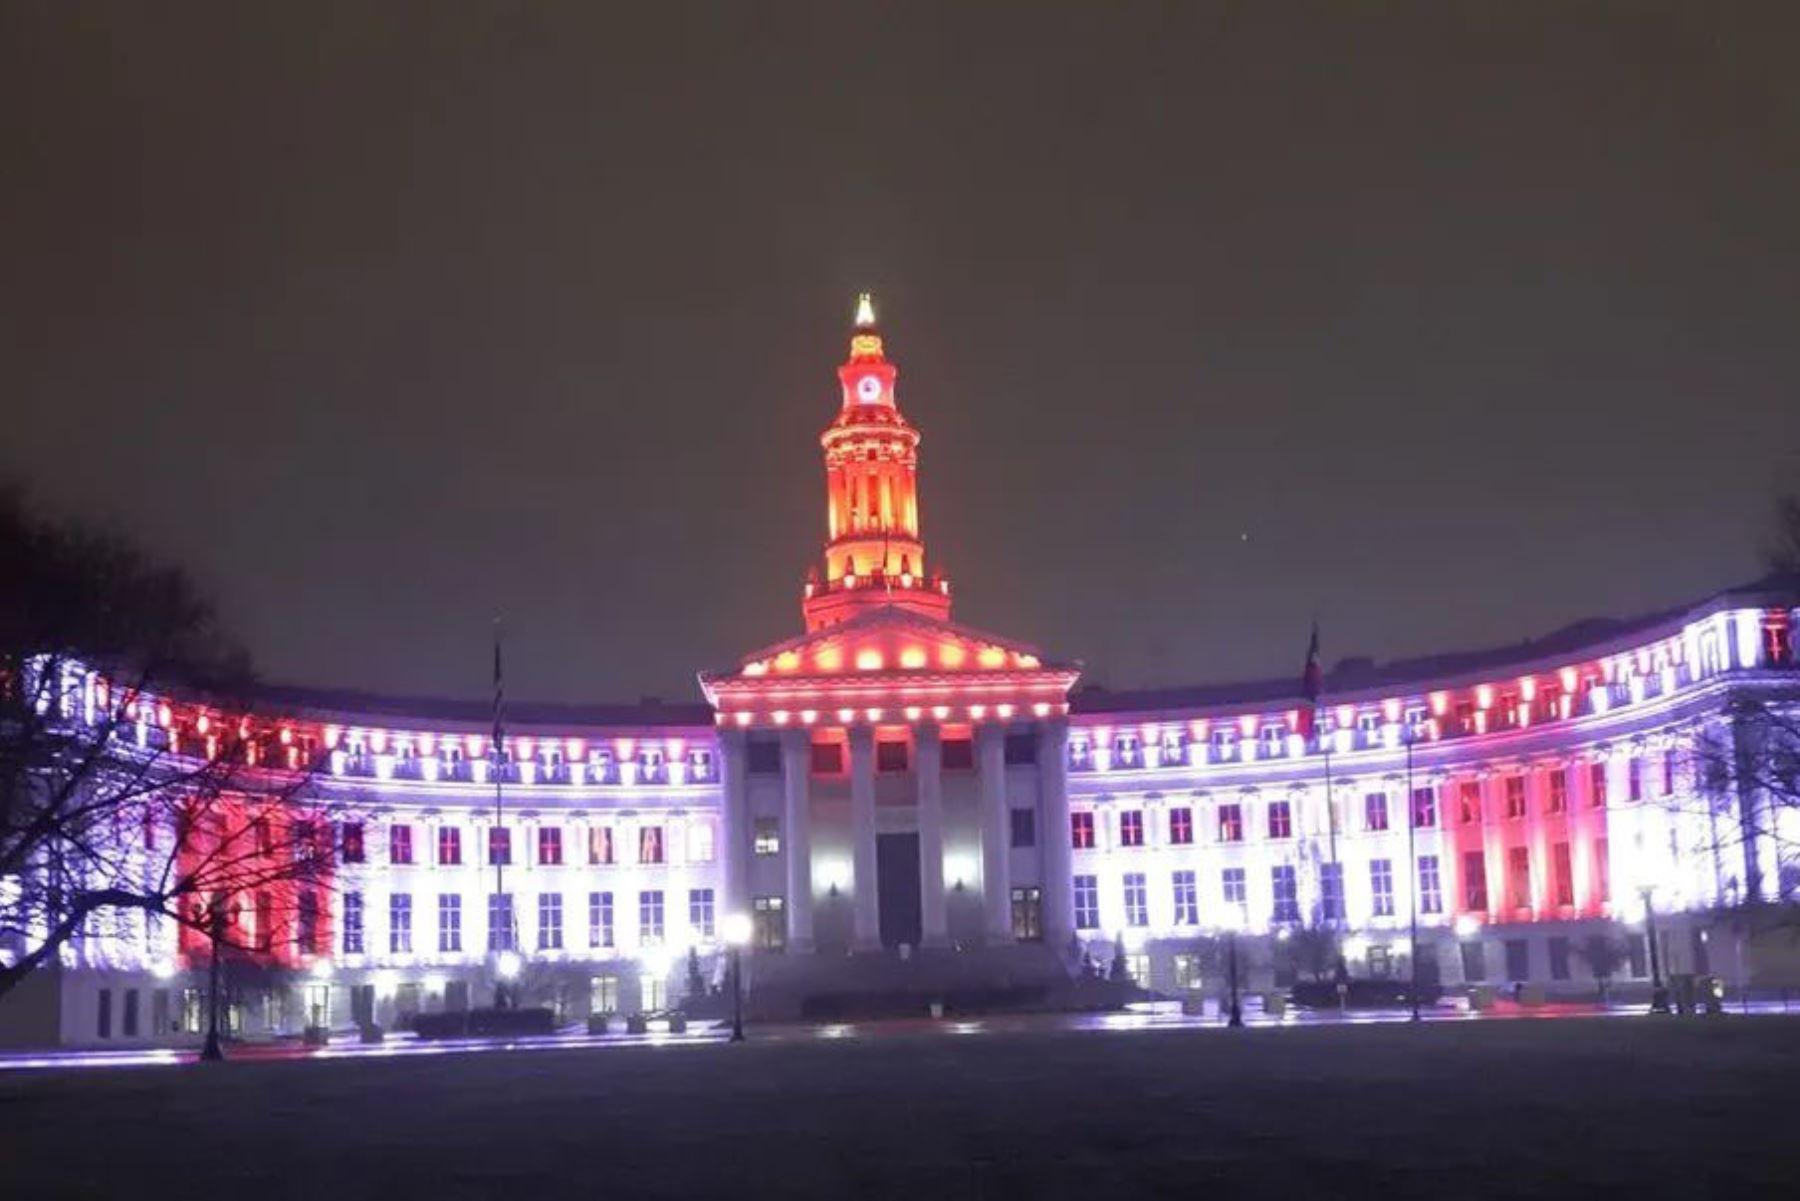 El Palacio Municipal de Denver se iluminó con los colores rojo y blanco para conmemorar  el Bicentenario en Perú. Foto @CancilleriaPeru